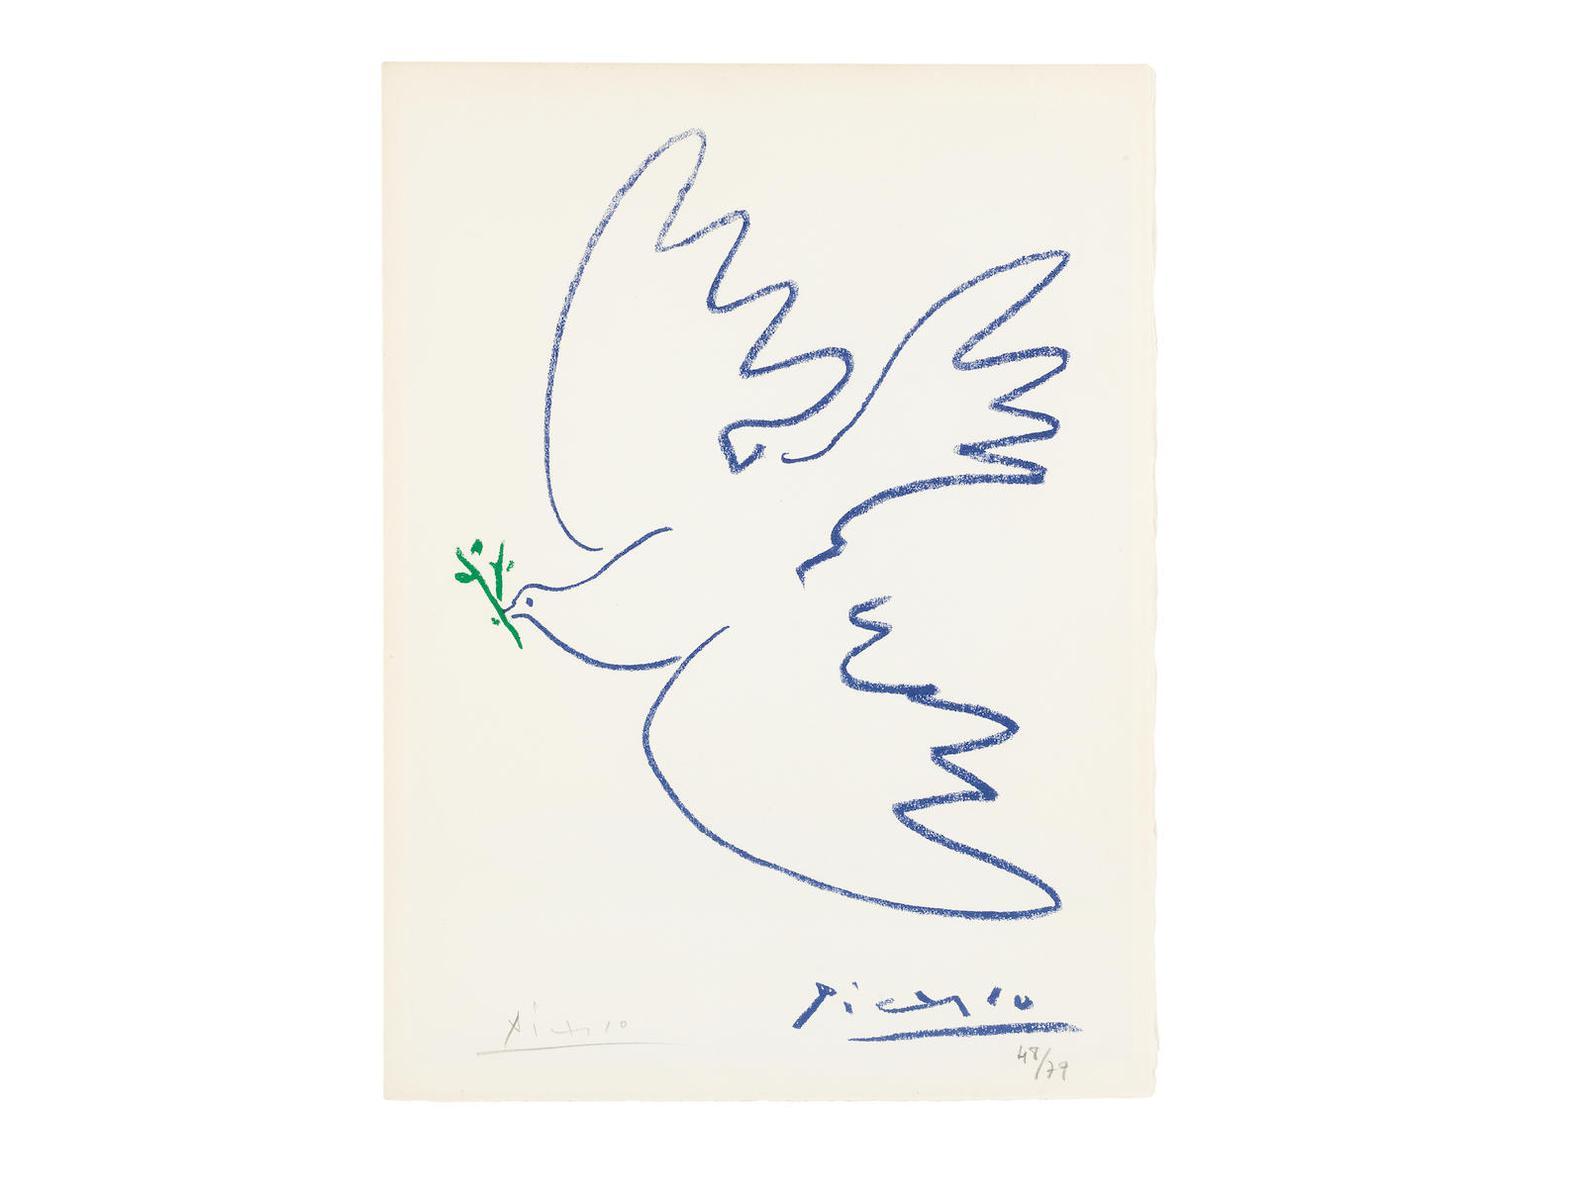 Pablo Picasso-After Pablo Picasso - La Colombe De La Paix-1963